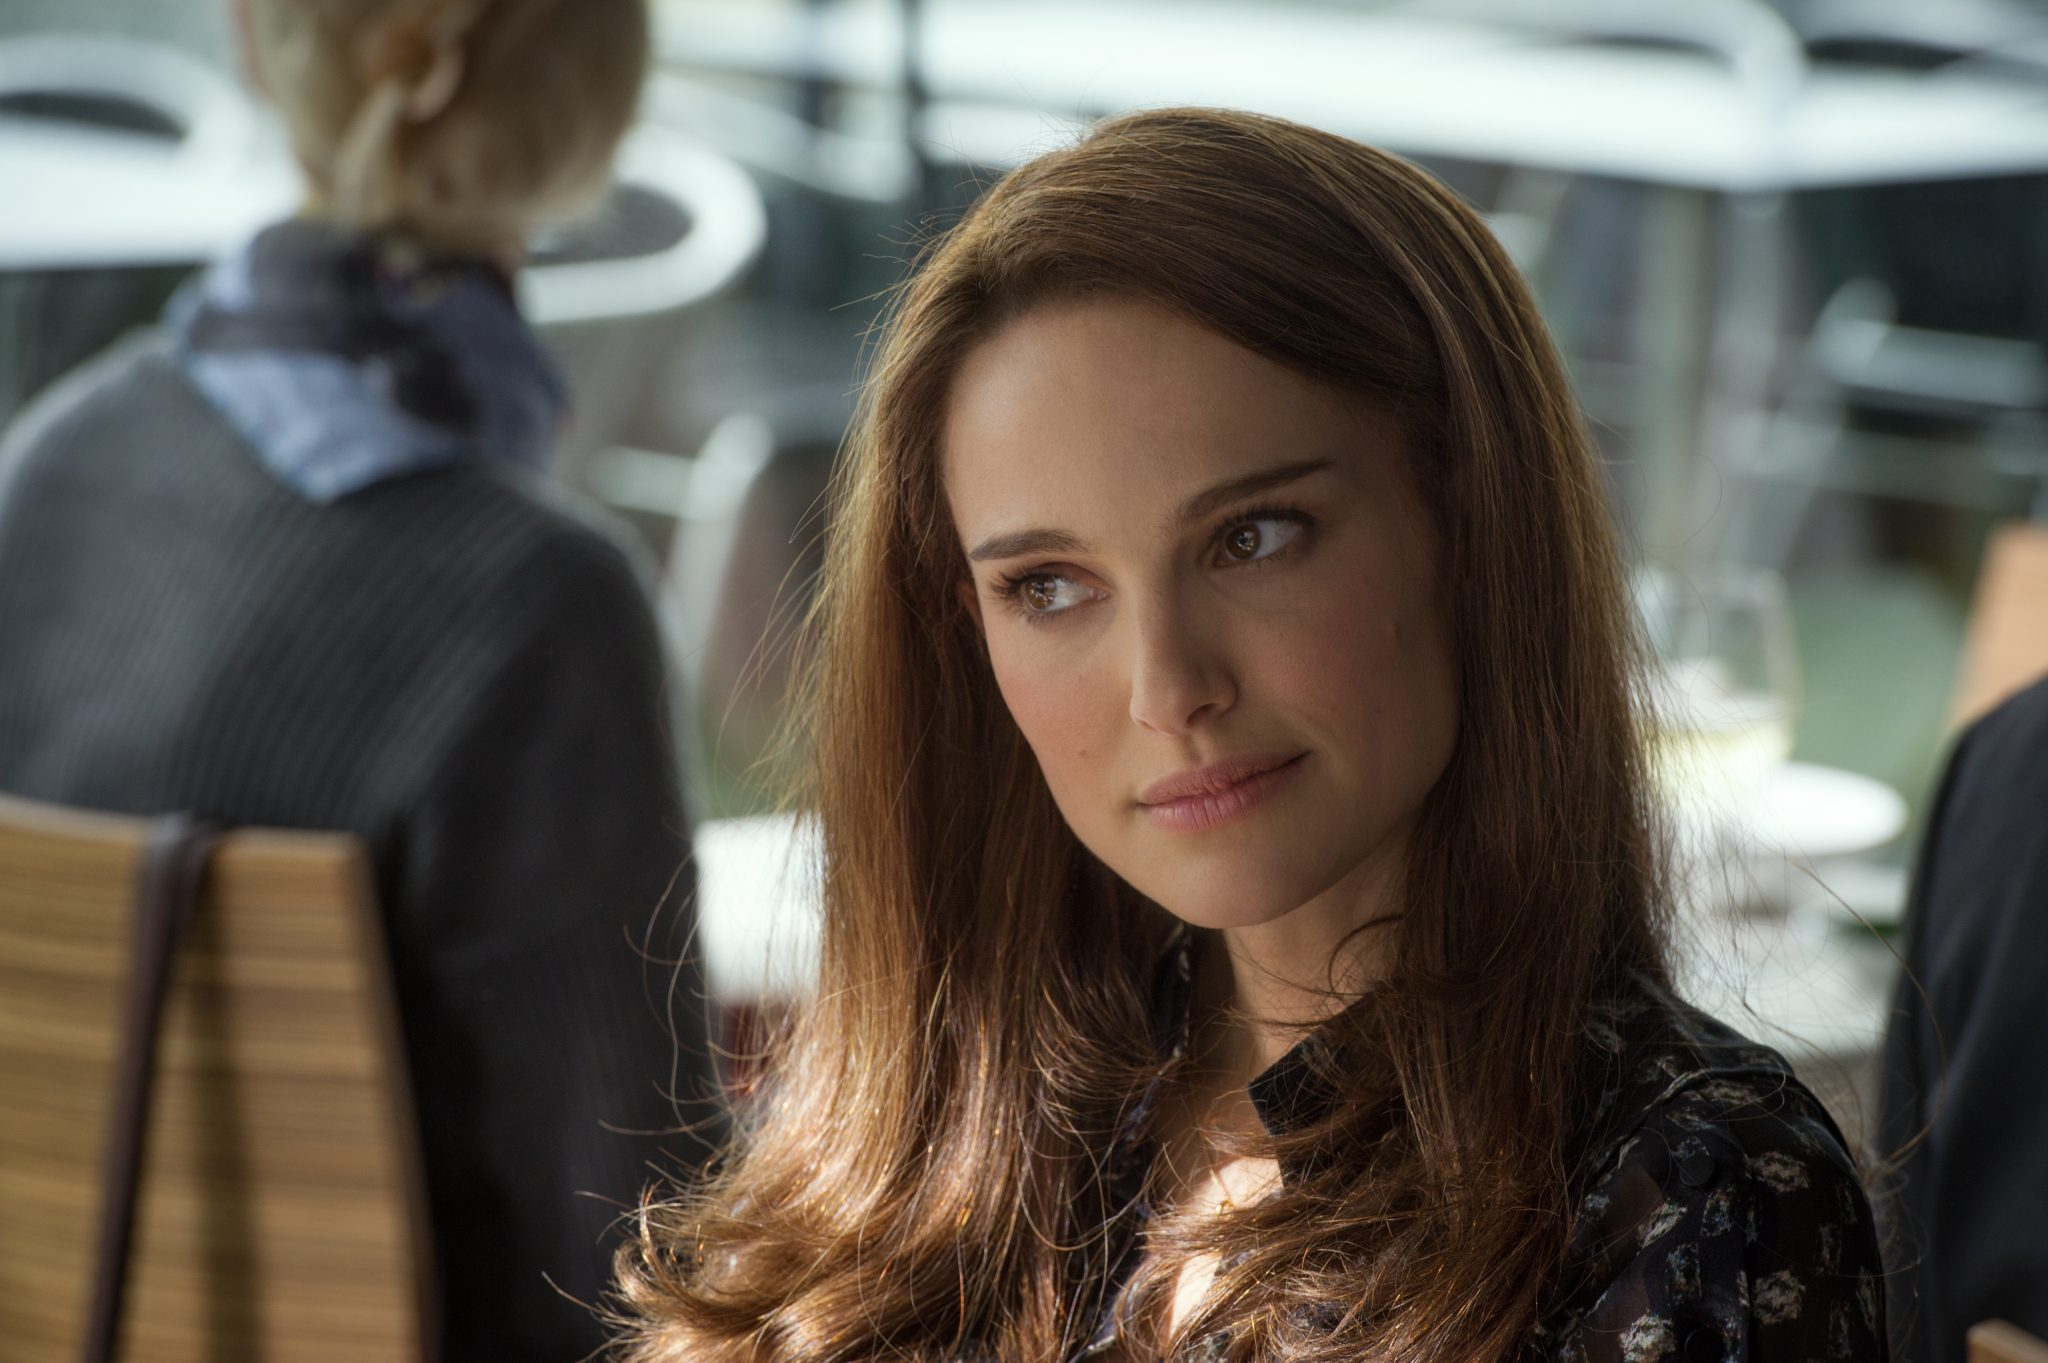 Natalie Portman in talks to star in sci-fi film ... |Natalie Portman Thor The Dark World